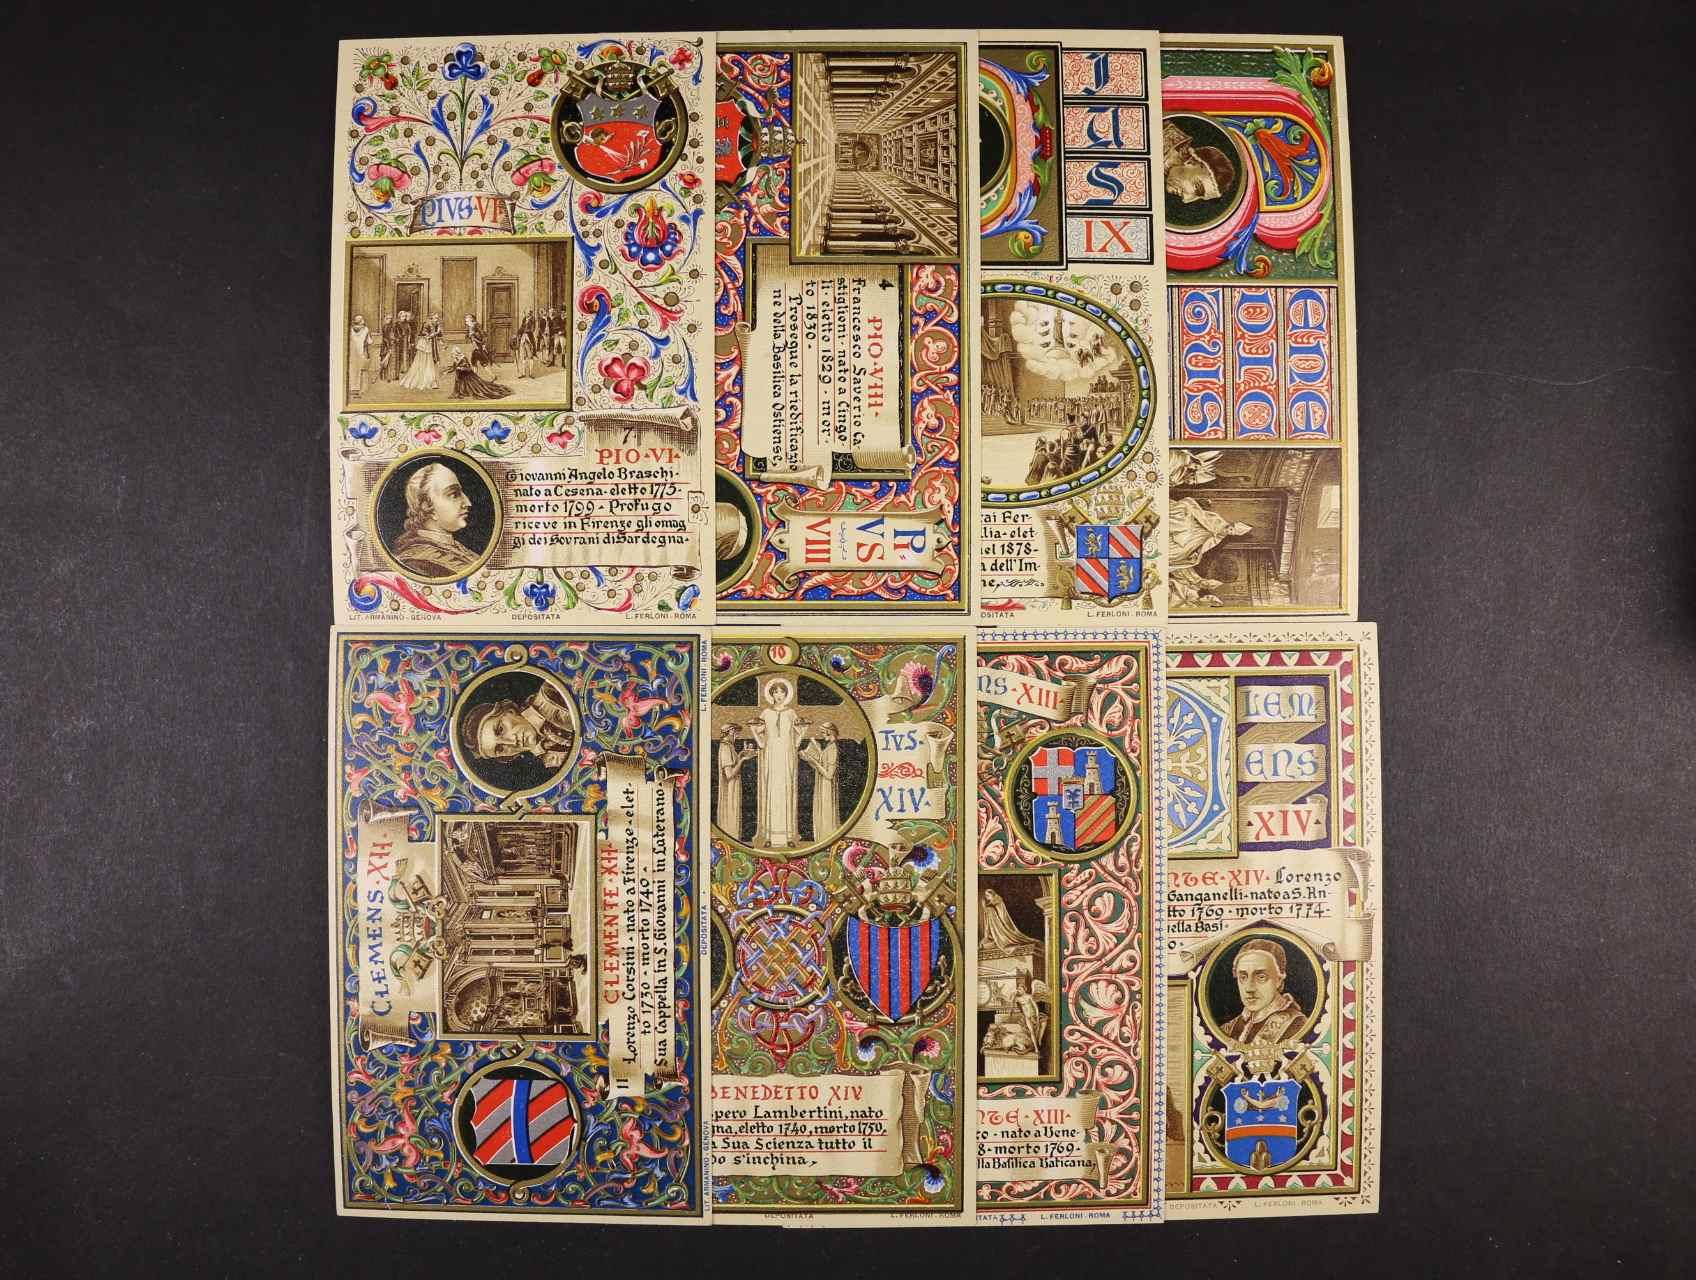 Osobnosti - sestava 9 ks bar. litograf. koláží s portréty papežů, dl. adresy, nepoužité, velmi dobrá kvalita